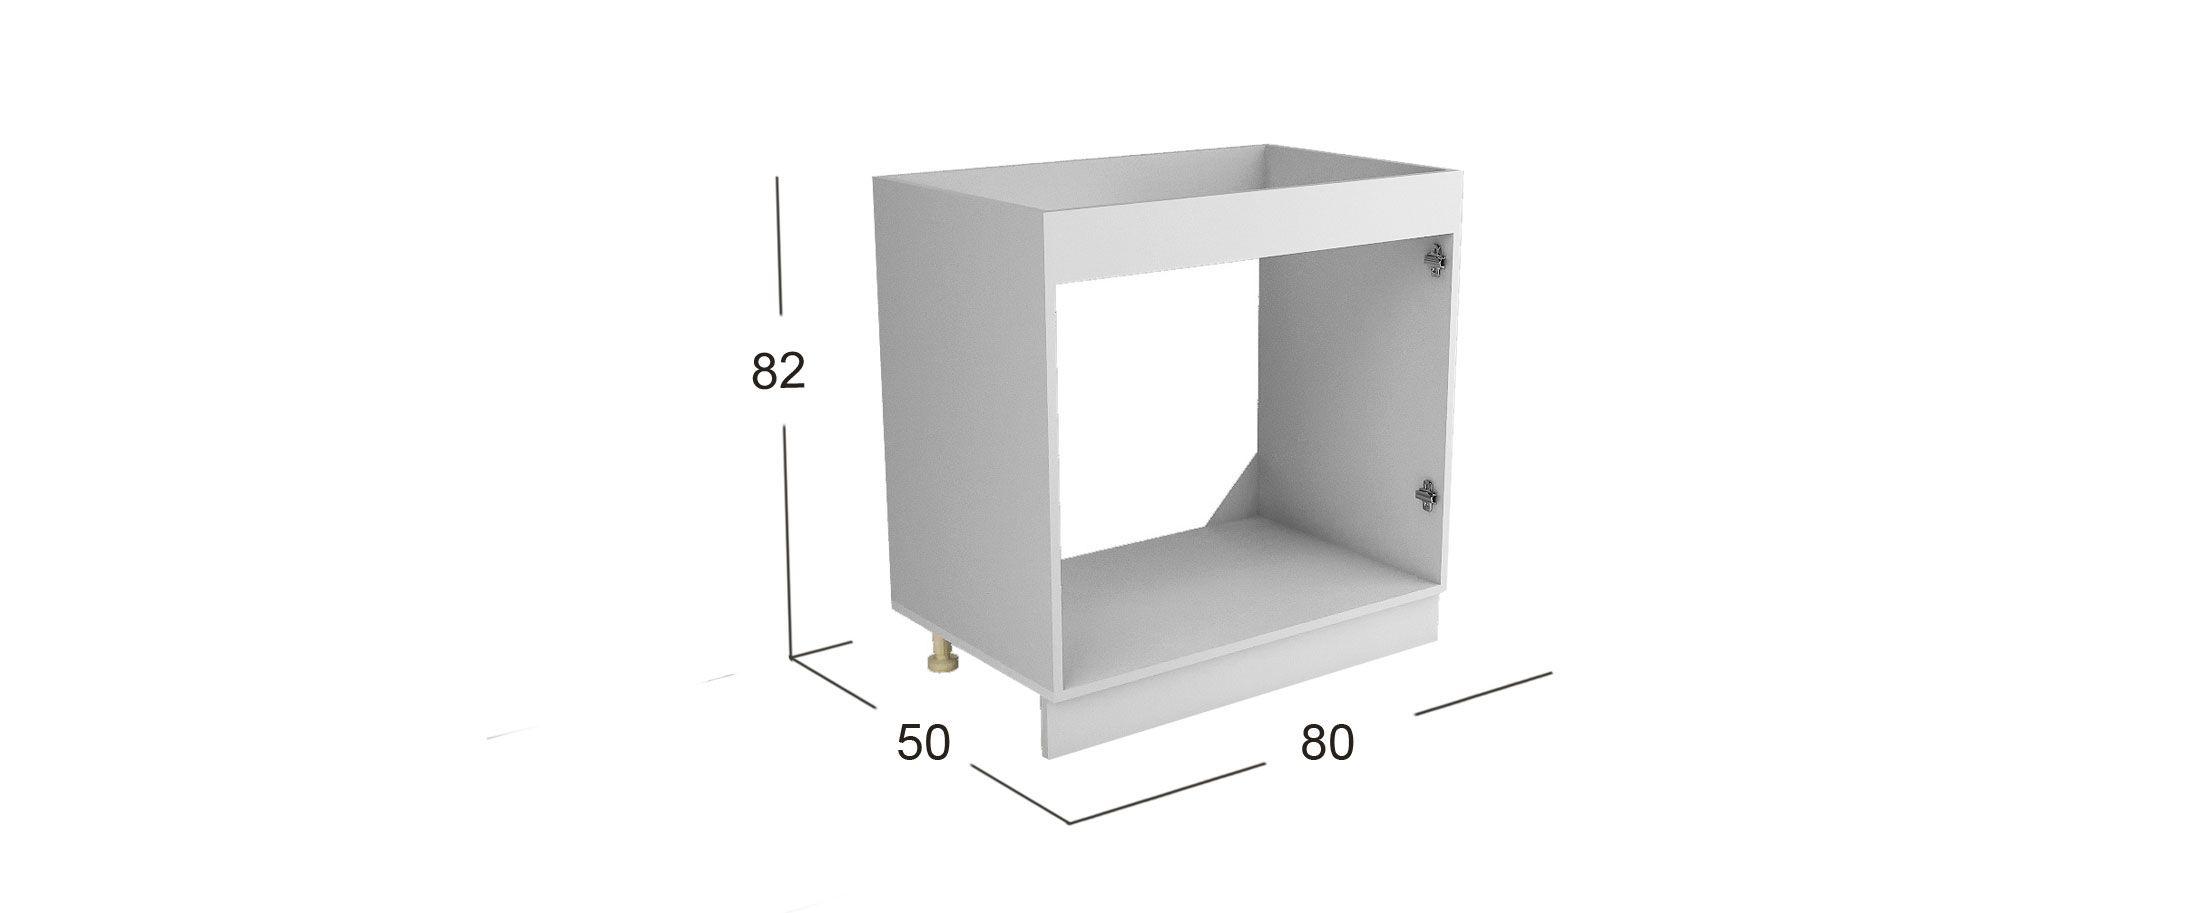 Кухня Красный глянец 2,2 мКупить удобный и практичный набор кухонного гарнитура в интернет магазине MOON TRADE. Быстрая доставка, вынос упаковки, гарантия! Выгодная покупка!<br><br>Ширина см: 220<br>Глубина см: 60<br>Высота см: 82<br>Материал столешницы: ЛДСП с пленкой ПВХ<br>Цвет столешницы: Асфальт черный<br>Материал фасада: МДФ<br>Цвет фасада: Красный глянец<br>Материал корпуса: ЛДСП<br>Тип направляющих: Роликовые<br>Цвет корпуса: Белый